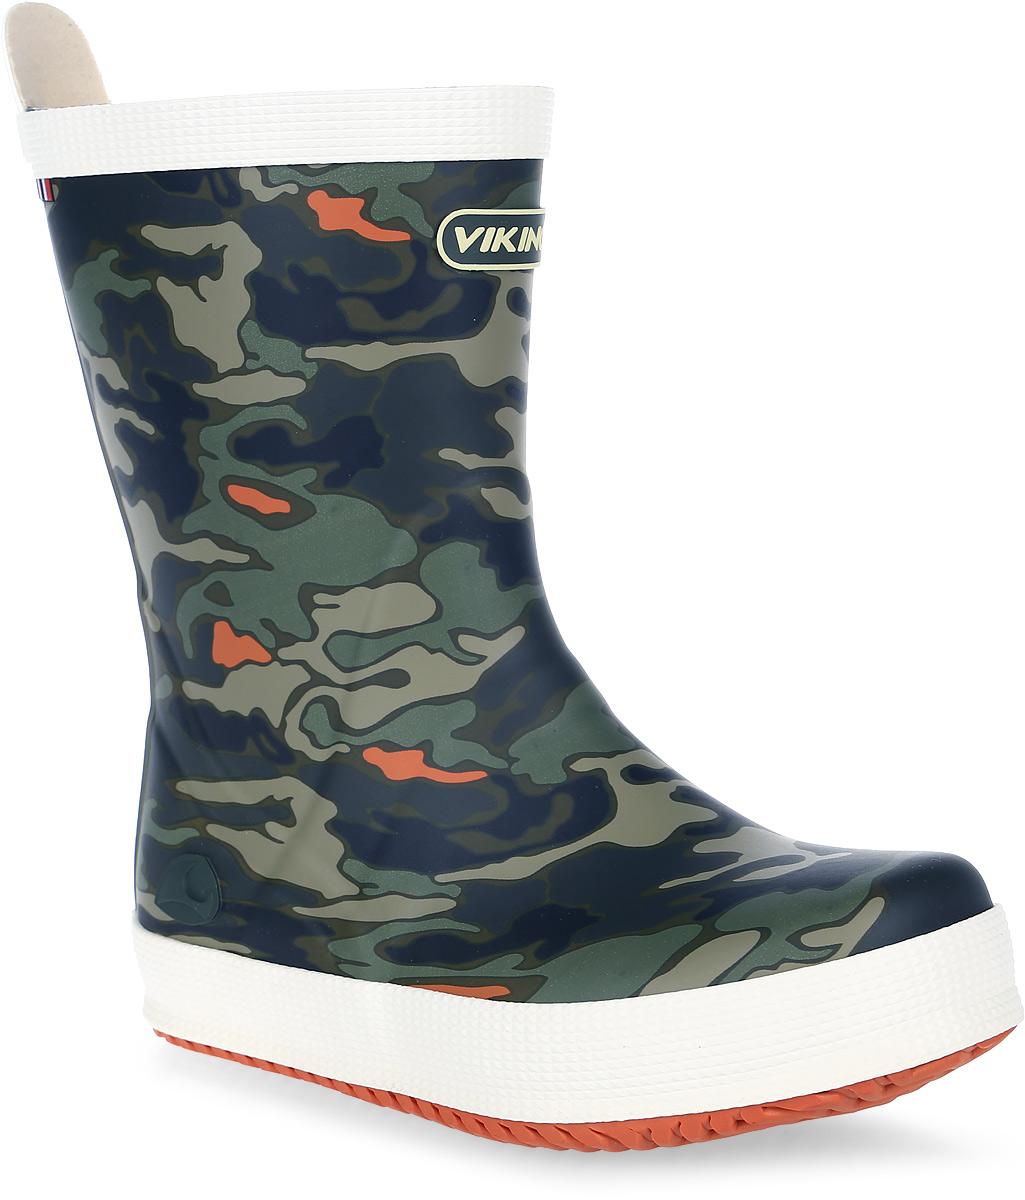 Сапоги резиновые для мальчика Viking Seilas Jr. Camo, цвет: темно-зеленый, серый. 1-27110-00450. Размер 311-27110-00450Модные резиновые сапоги от Viking - идеальная обувь в дождливую погоду для вашего мальчика. Модель оформлена камуфляжным принтом и эмблемой с названием бренда. Внутренняя поверхность и стелька, выполненные из синтетического материала со скрученными волокнами, способствующими поддержанию тепла, комфортны при ходьбе. Ярлычок на заднике облегчает обувание модели. Светоотражающая полоска на голенище увеличивает безопасность вашего ребенка в темное время суток. Подошва с протектором гарантирует отличное сцепление с любой поверхностью. Резиновые сапоги - необходимая вещь в гардеробе каждого мальчика.